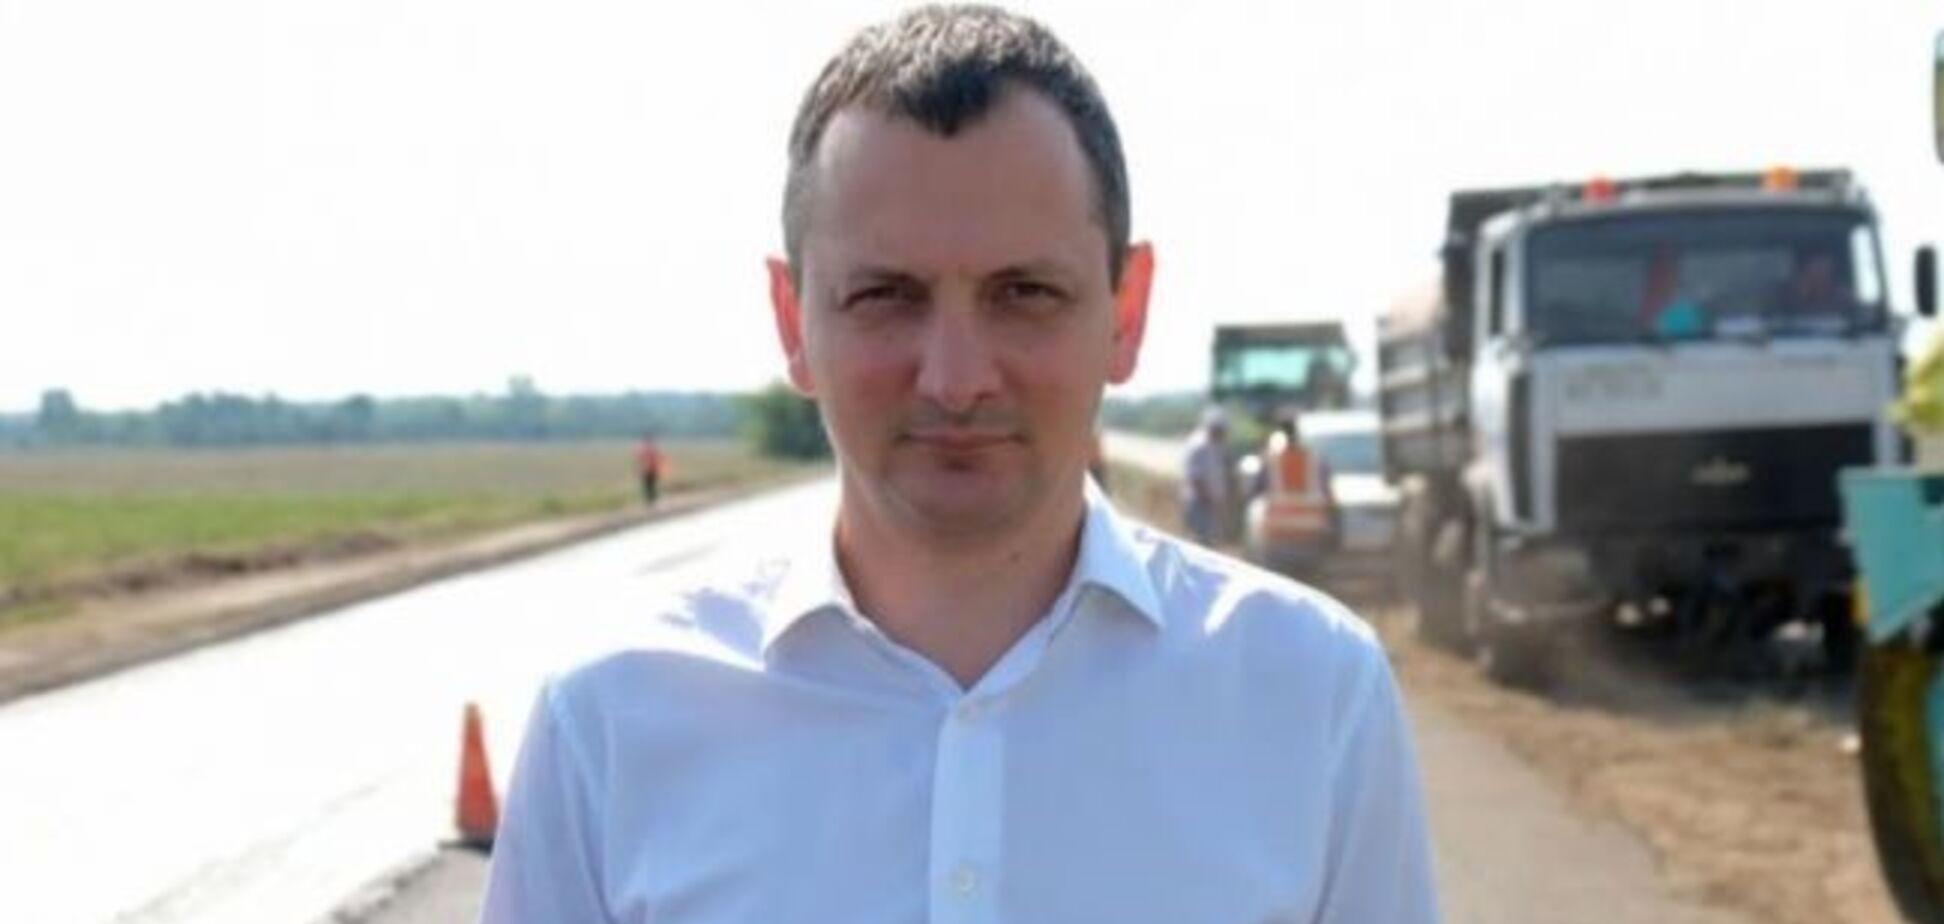 Город Покров Днепропетровской области с 40-тысячным населением за 4 года стал самым комфортным для проживания - Юрий Голик